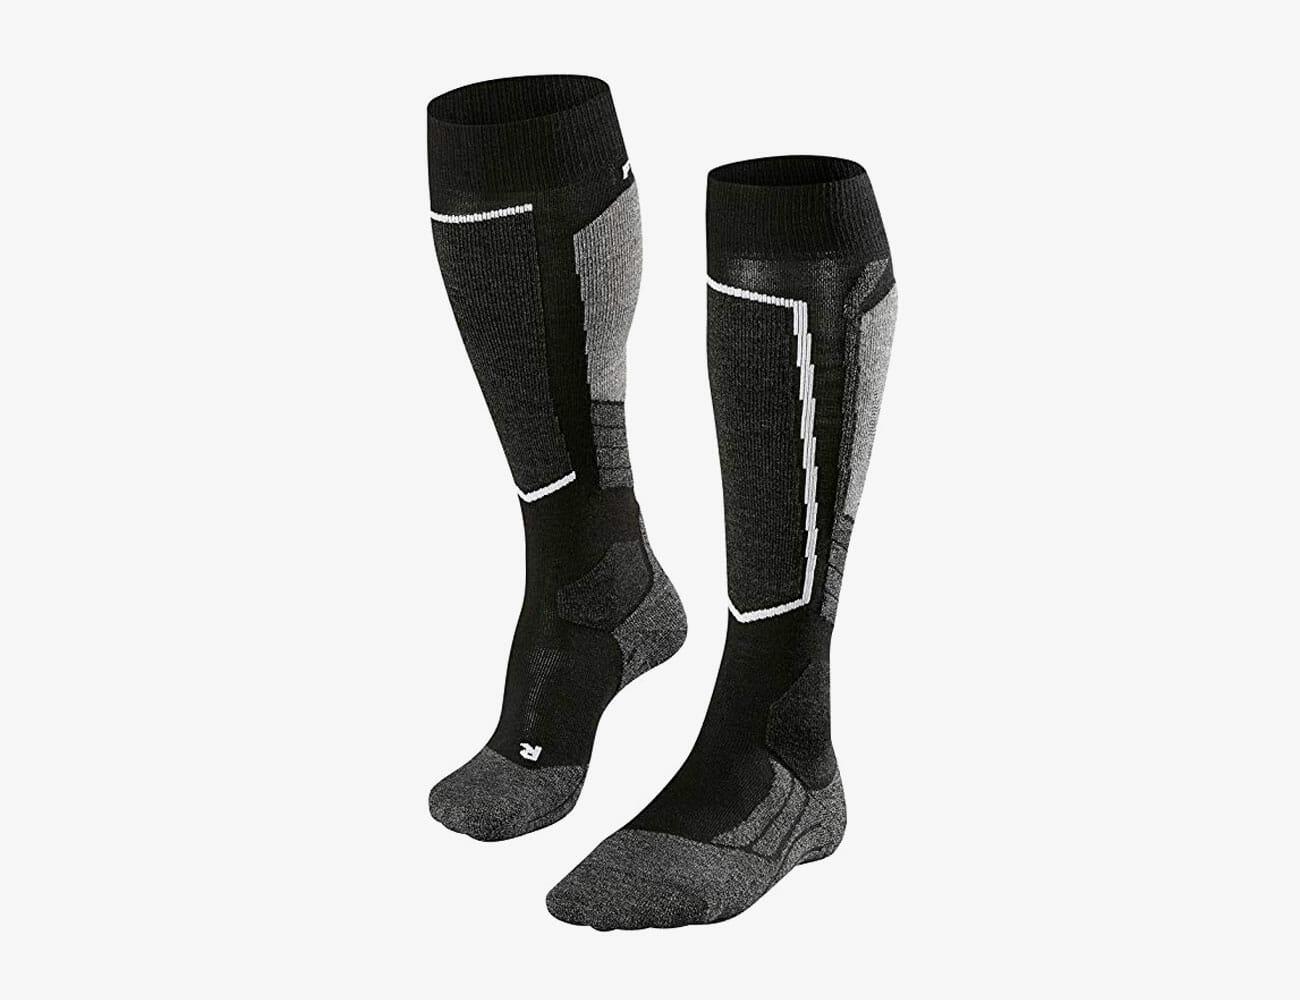 9cf246a2395 Falke SK2 Ski Knee-High Sock